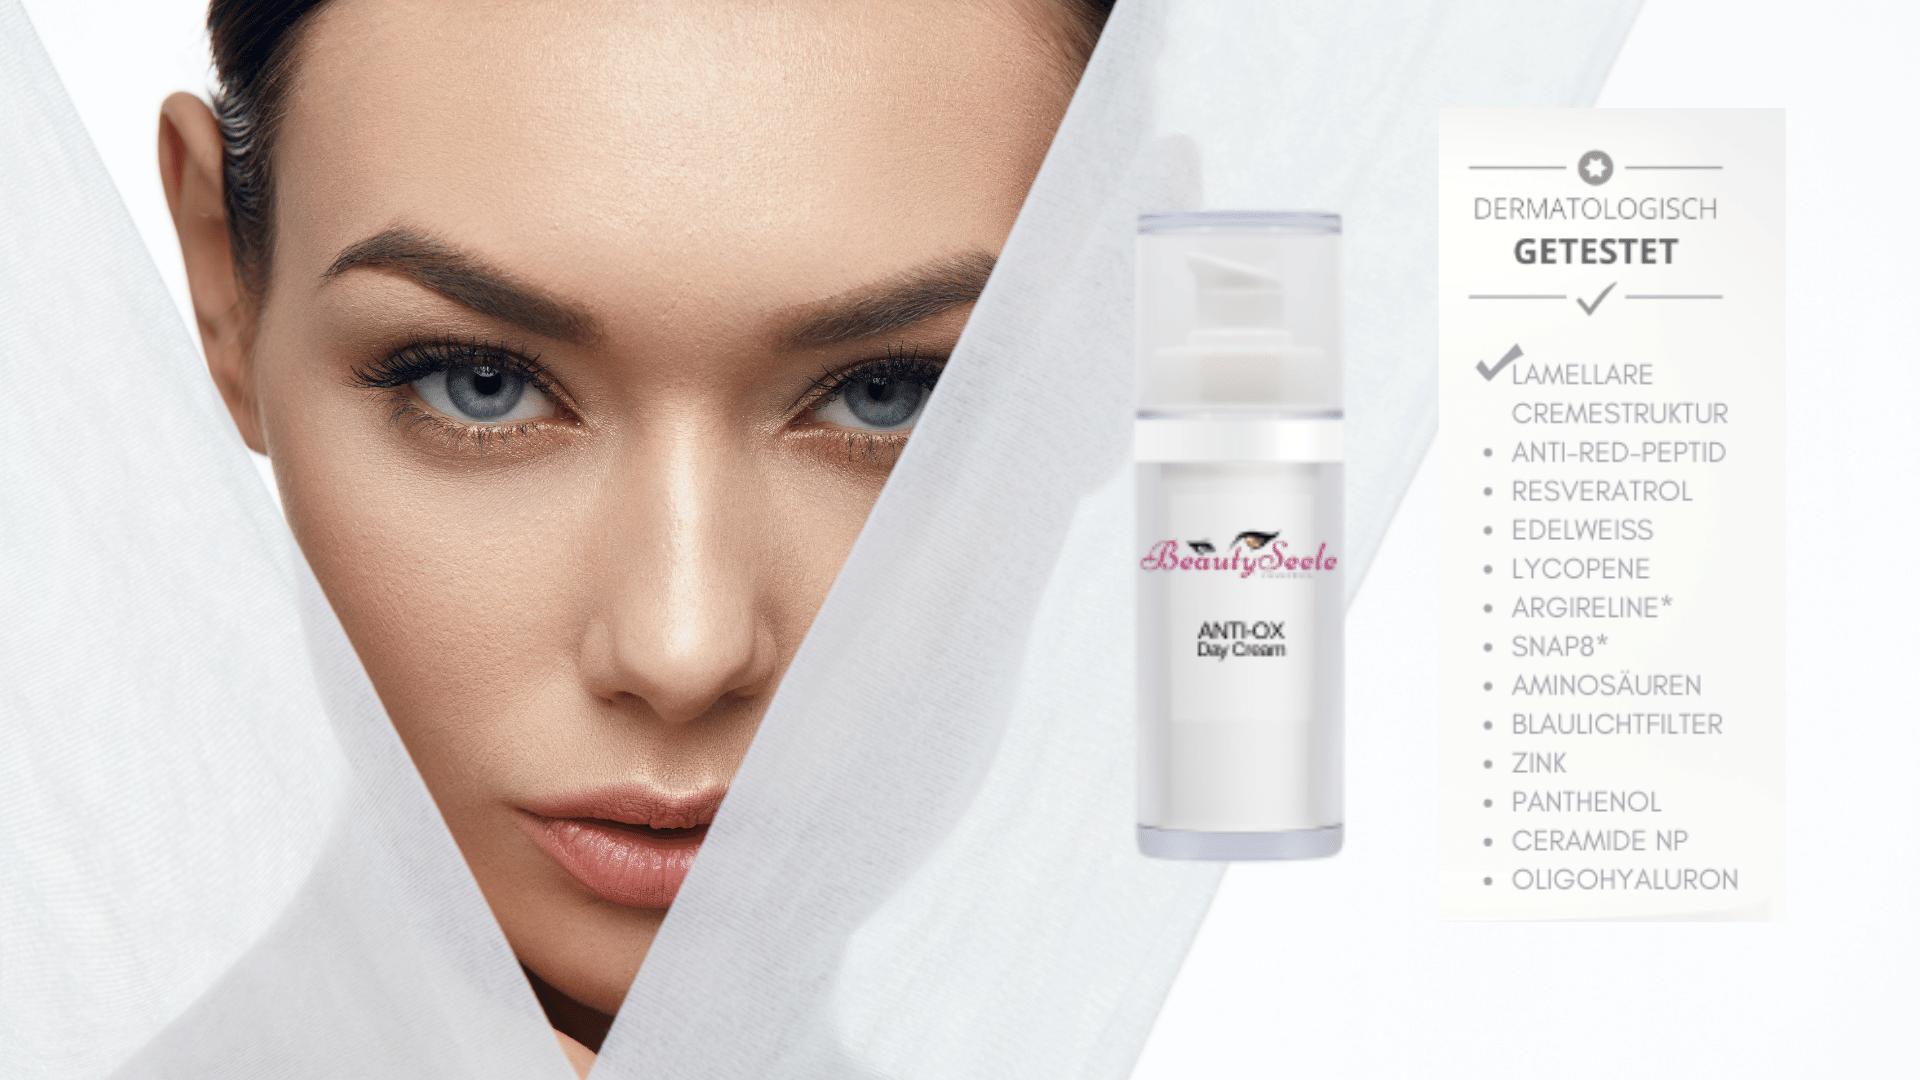 Verfahren für natürliches Strahlen mit der Hautpflege